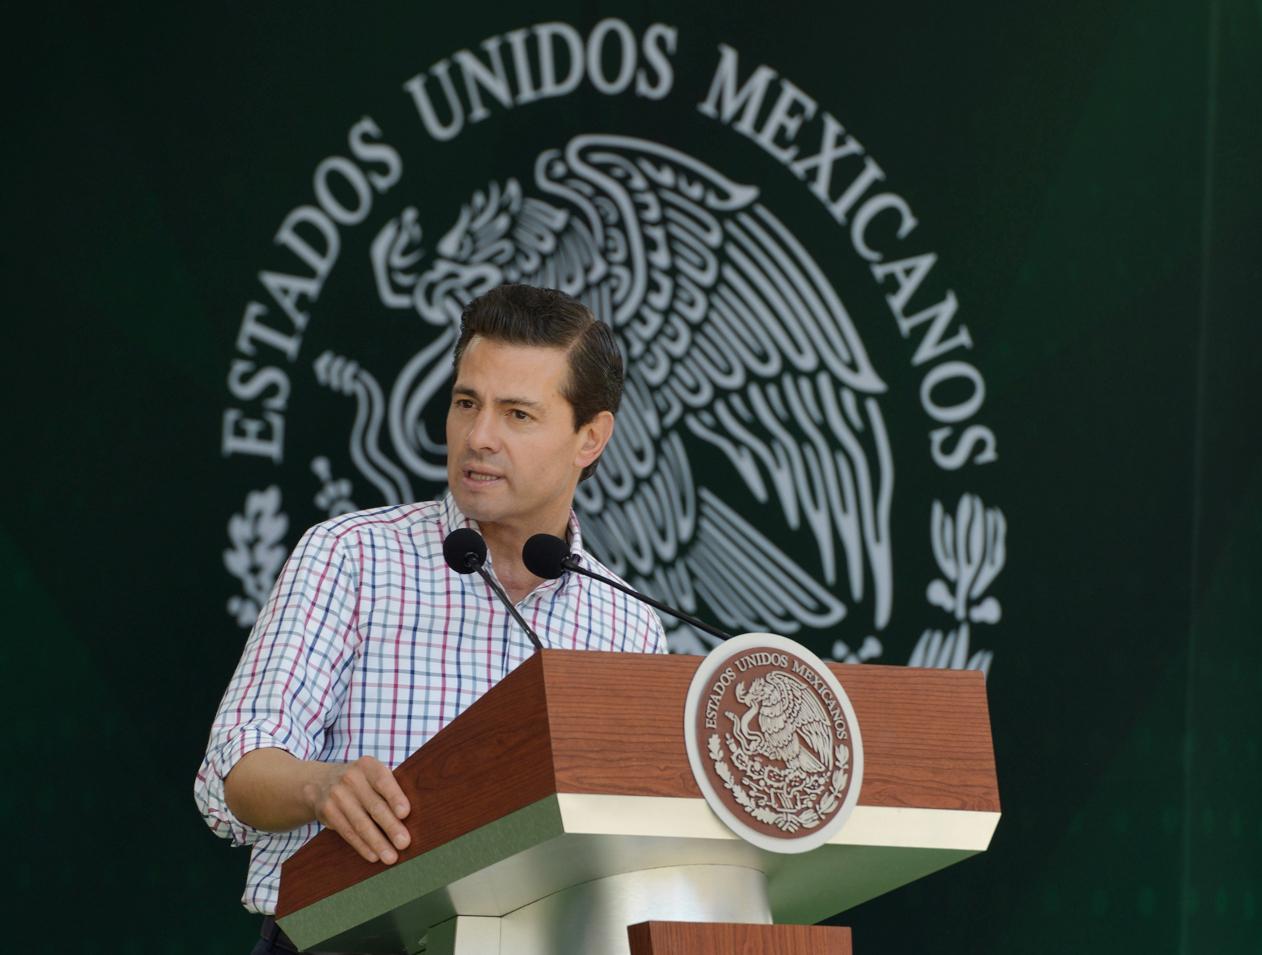 Photo of Opinión del Lic. Mauro Jiménez Lazcano, Director General de la Revista Macroeconomía